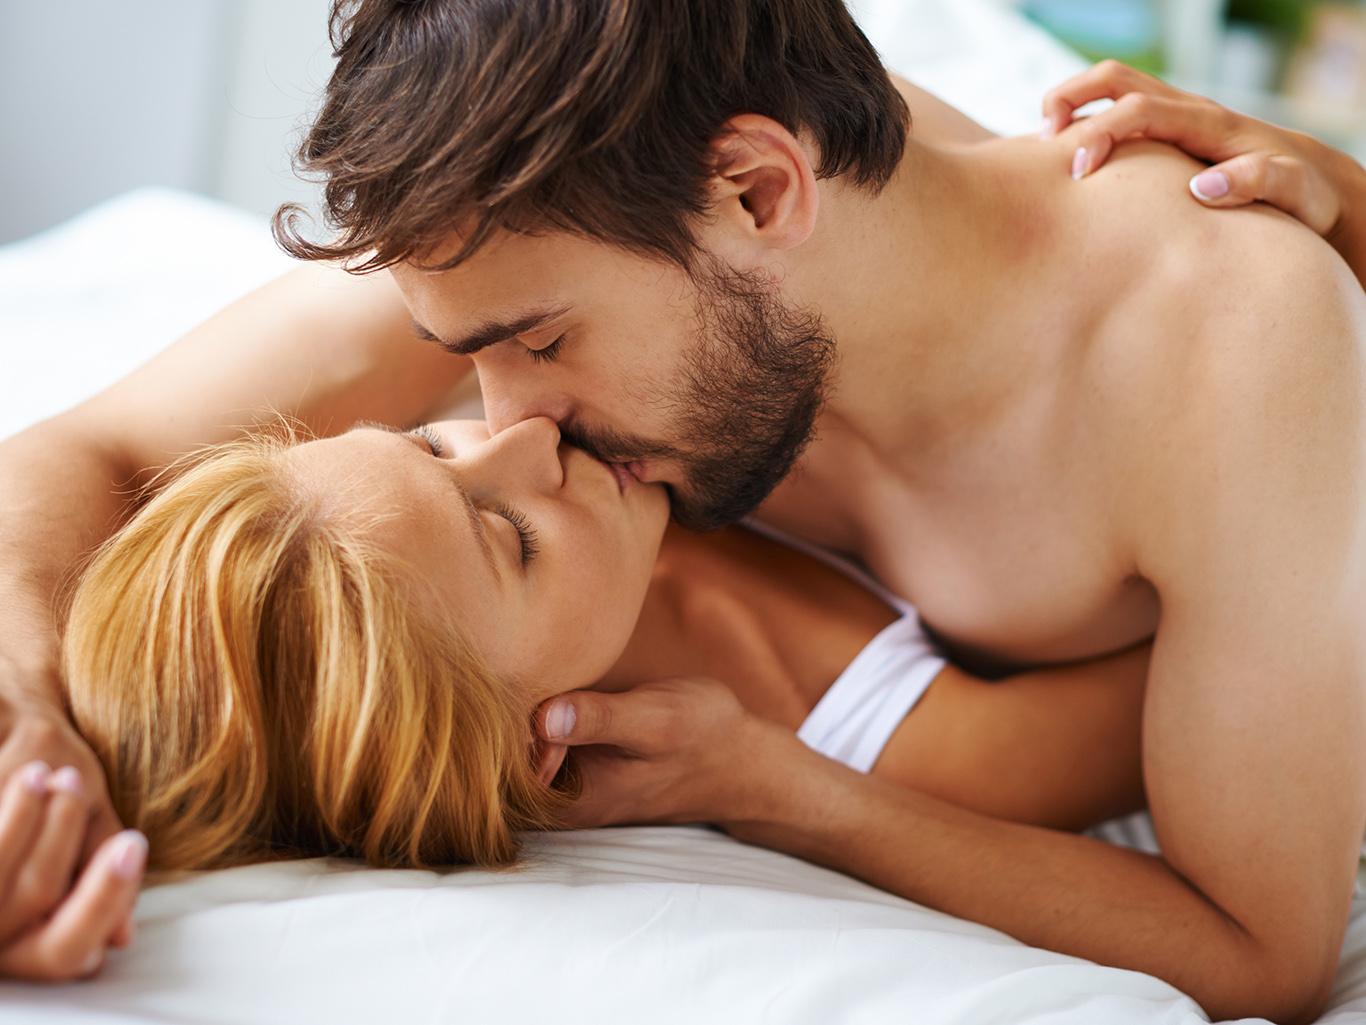 секс длиною в жизнь